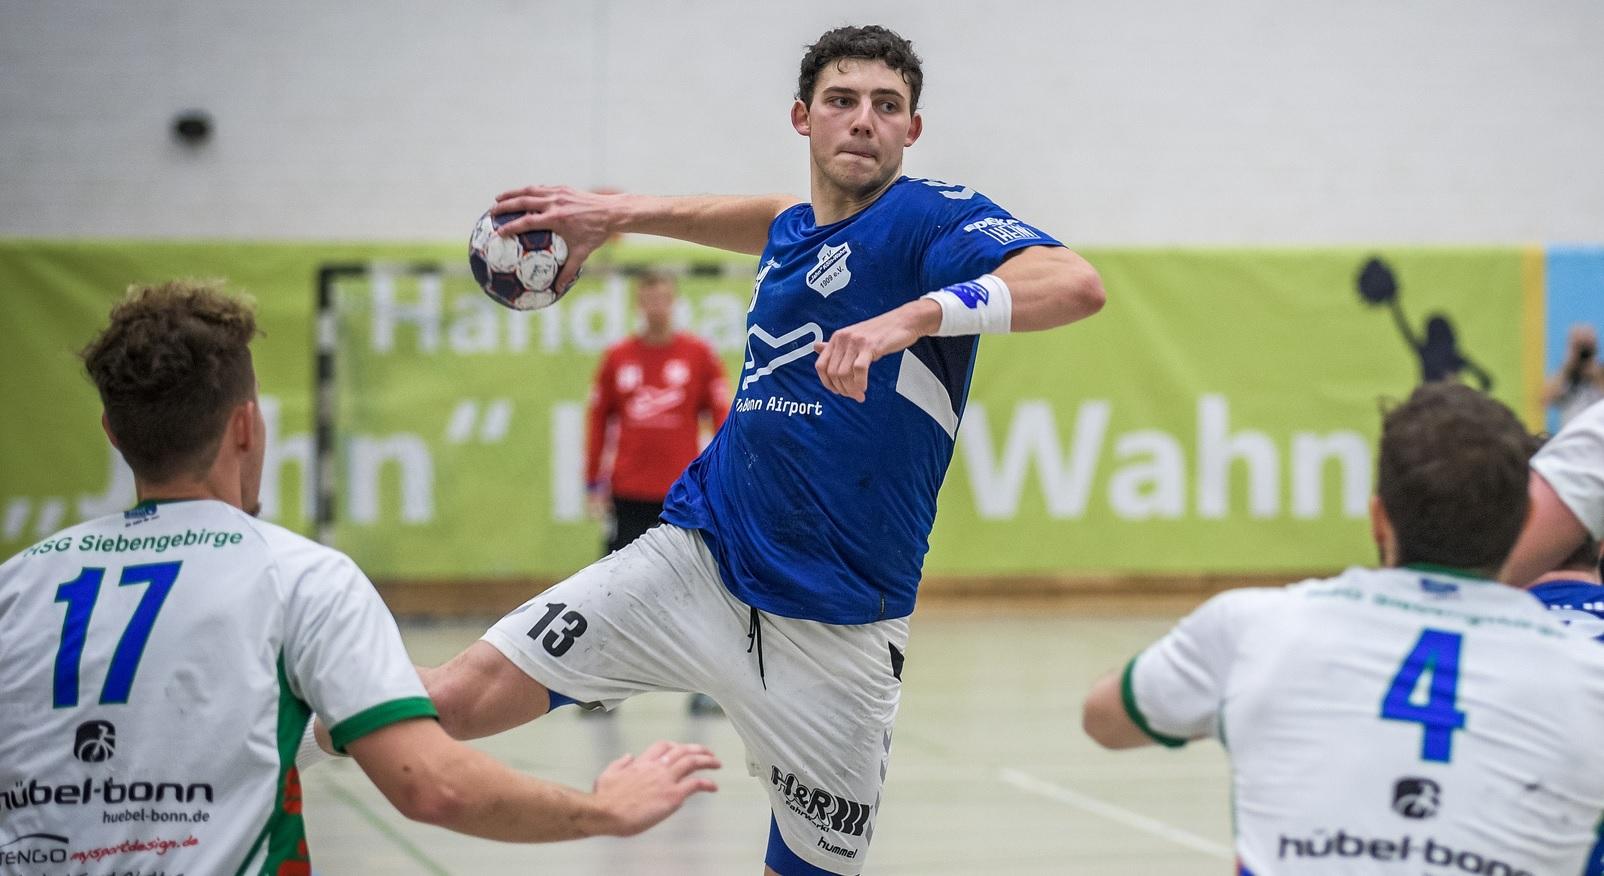 1. Herren: Alexander Senden wechselt in die 3. Bundesliga